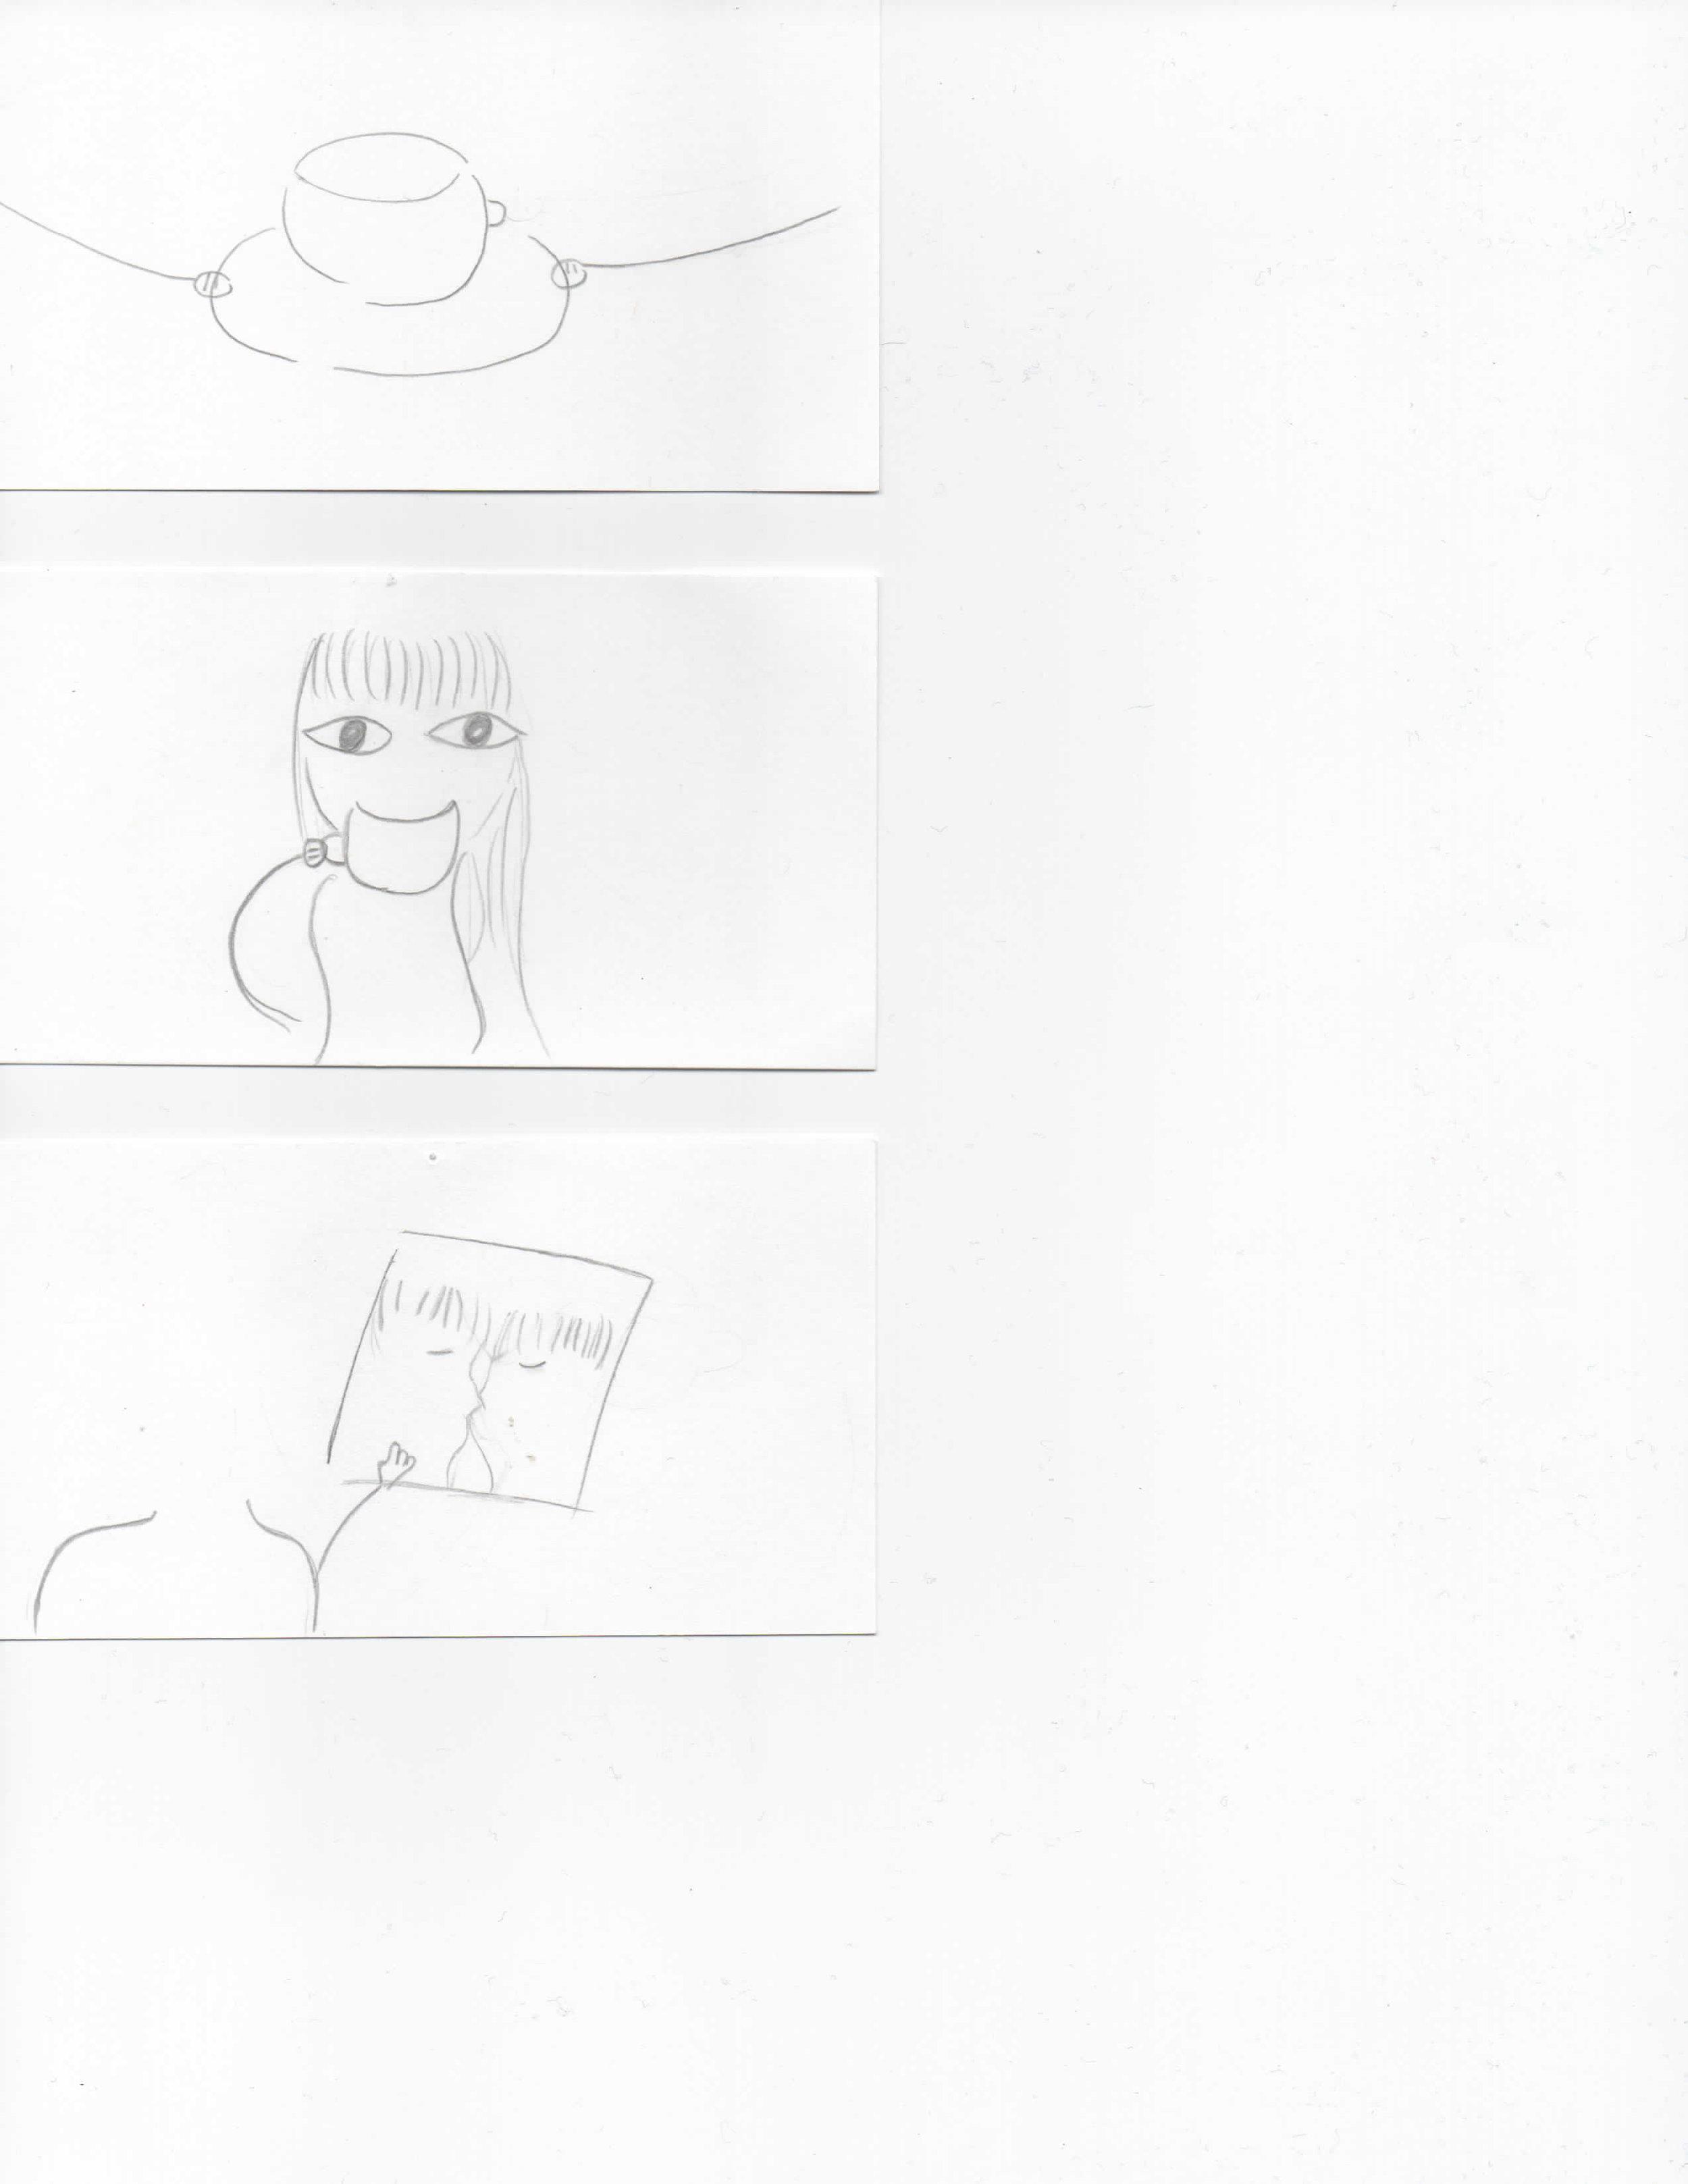 CFD-Storyboard-v3_Page_3.jpg